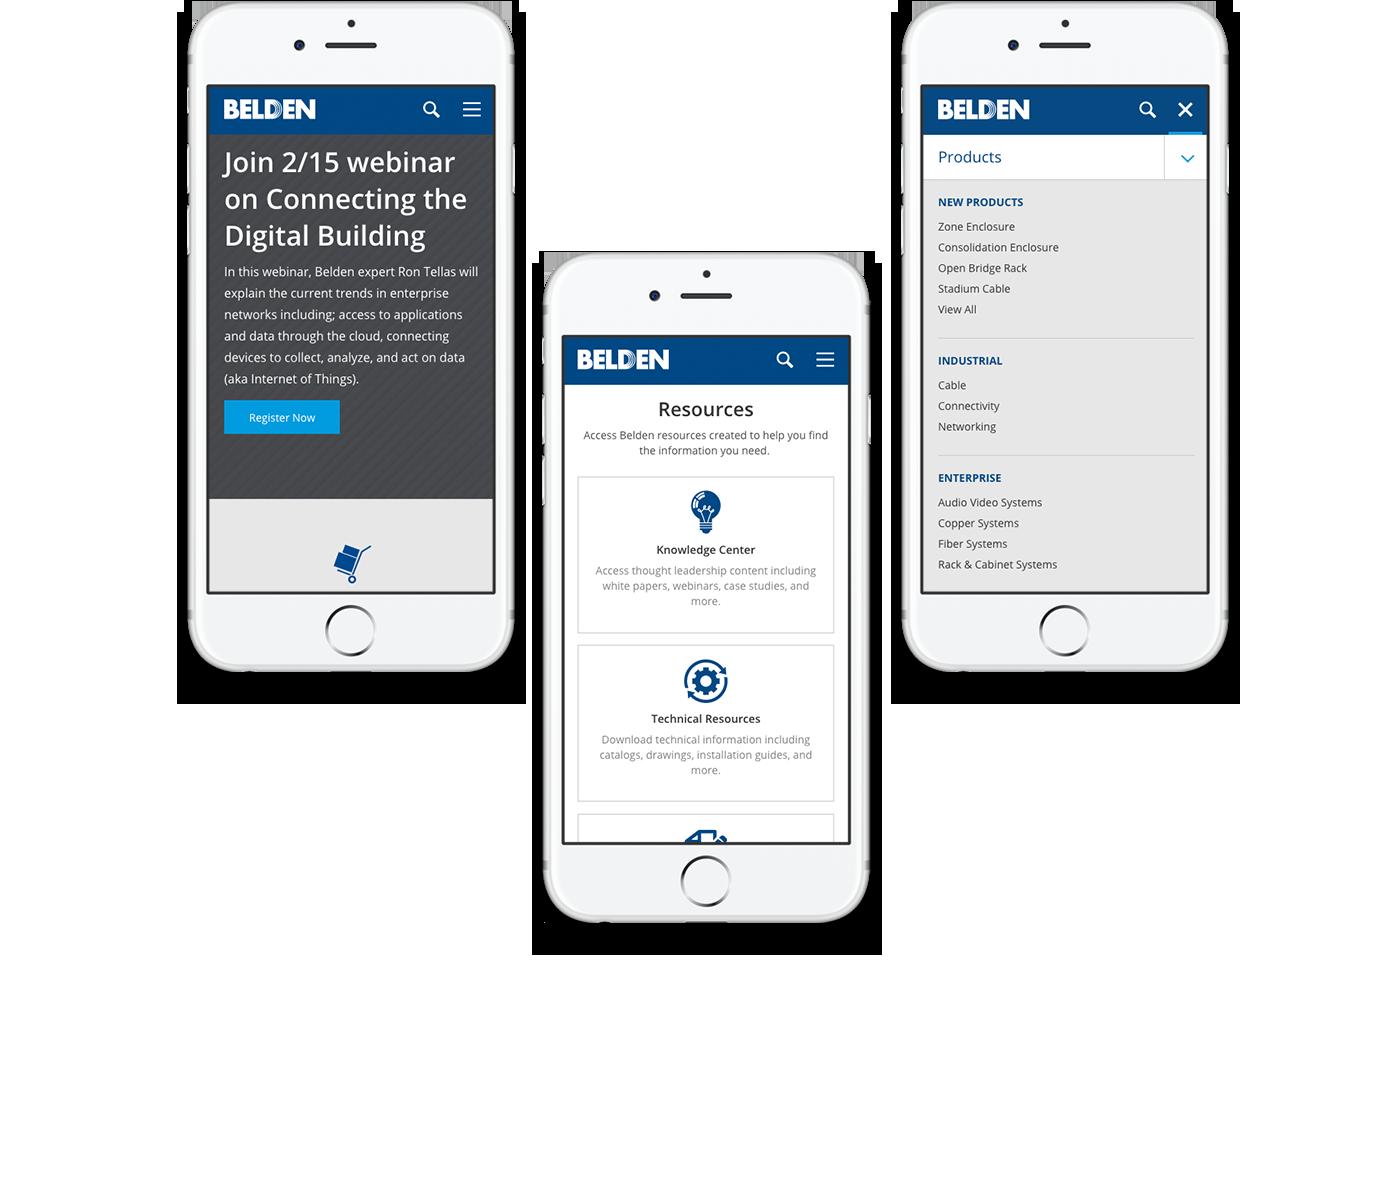 Belden's mobile responsive design